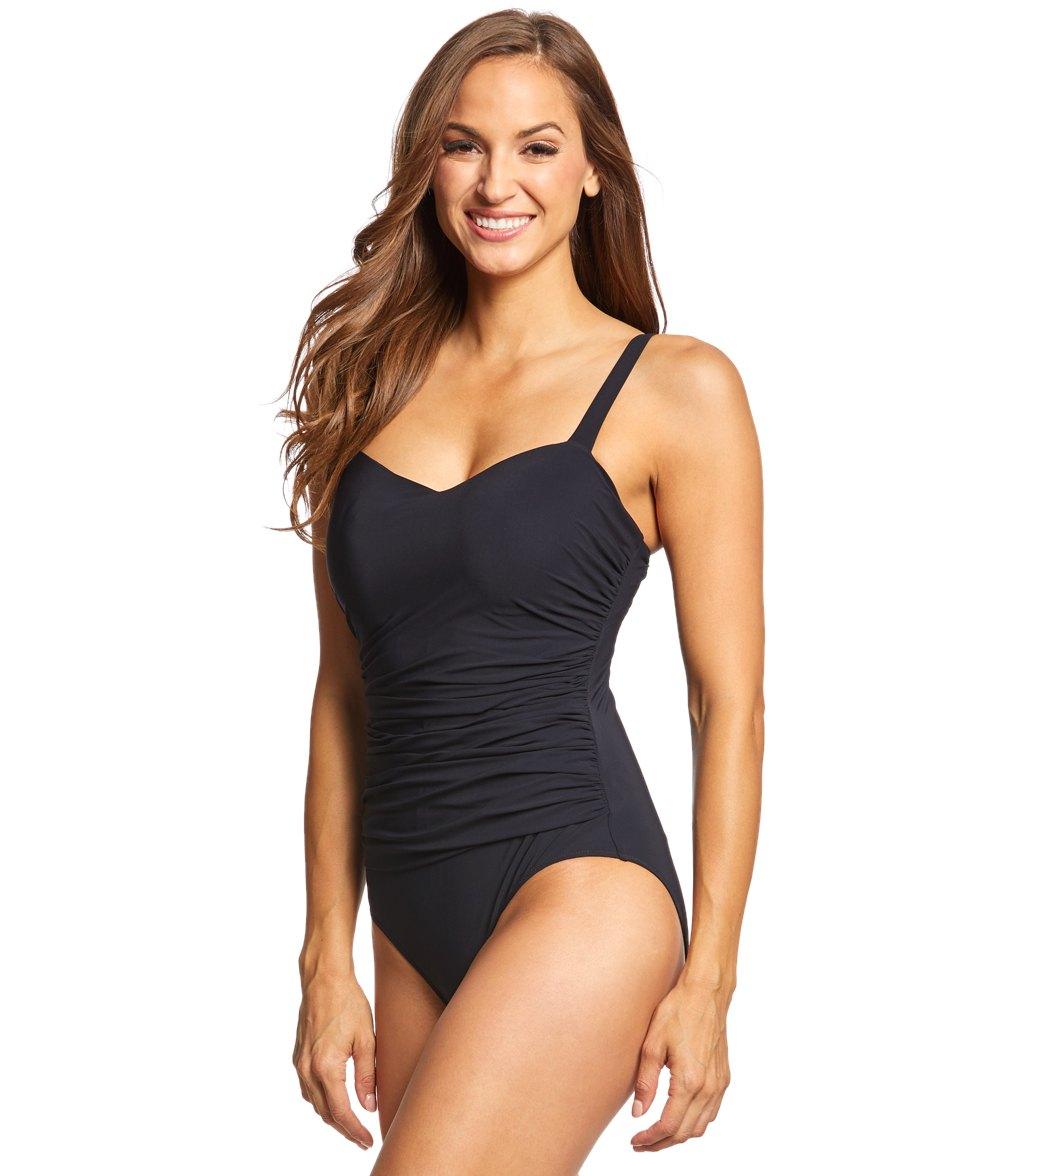 02eaea557e6e0 Profile by Gottex Tutti Frutti One Piece Swimsuit (D-Cup) at ...